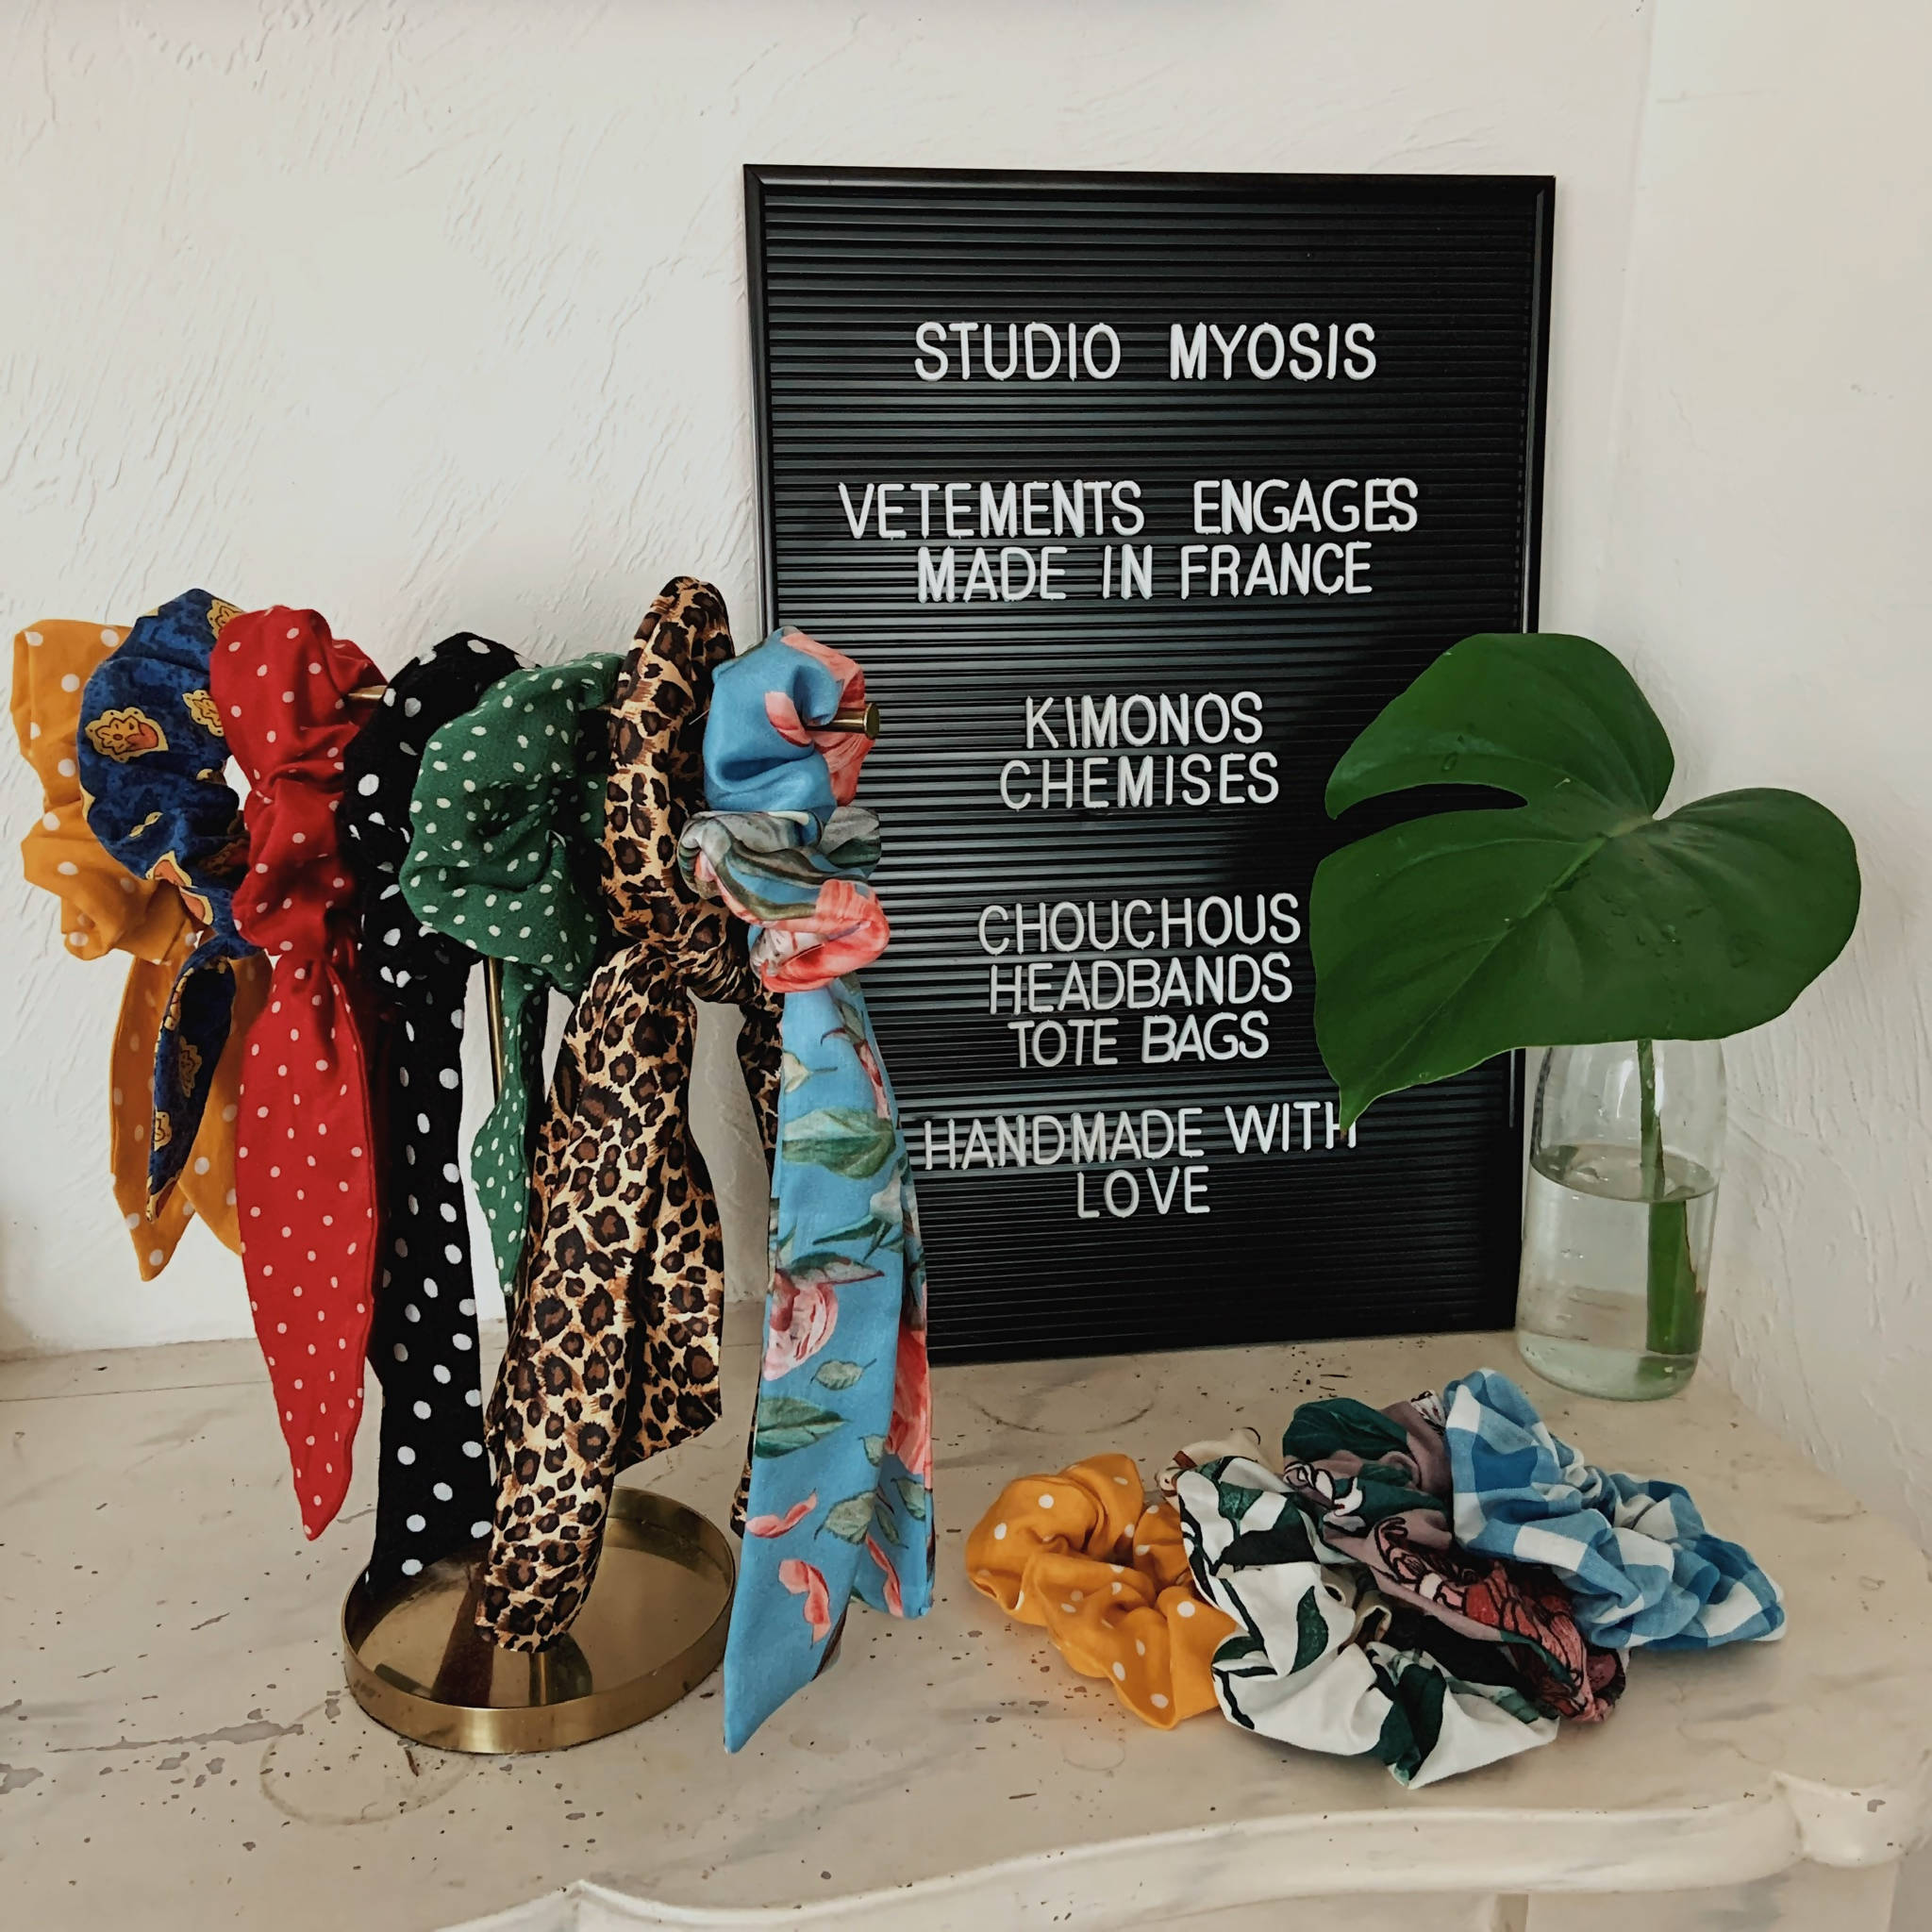 Studio Myosis